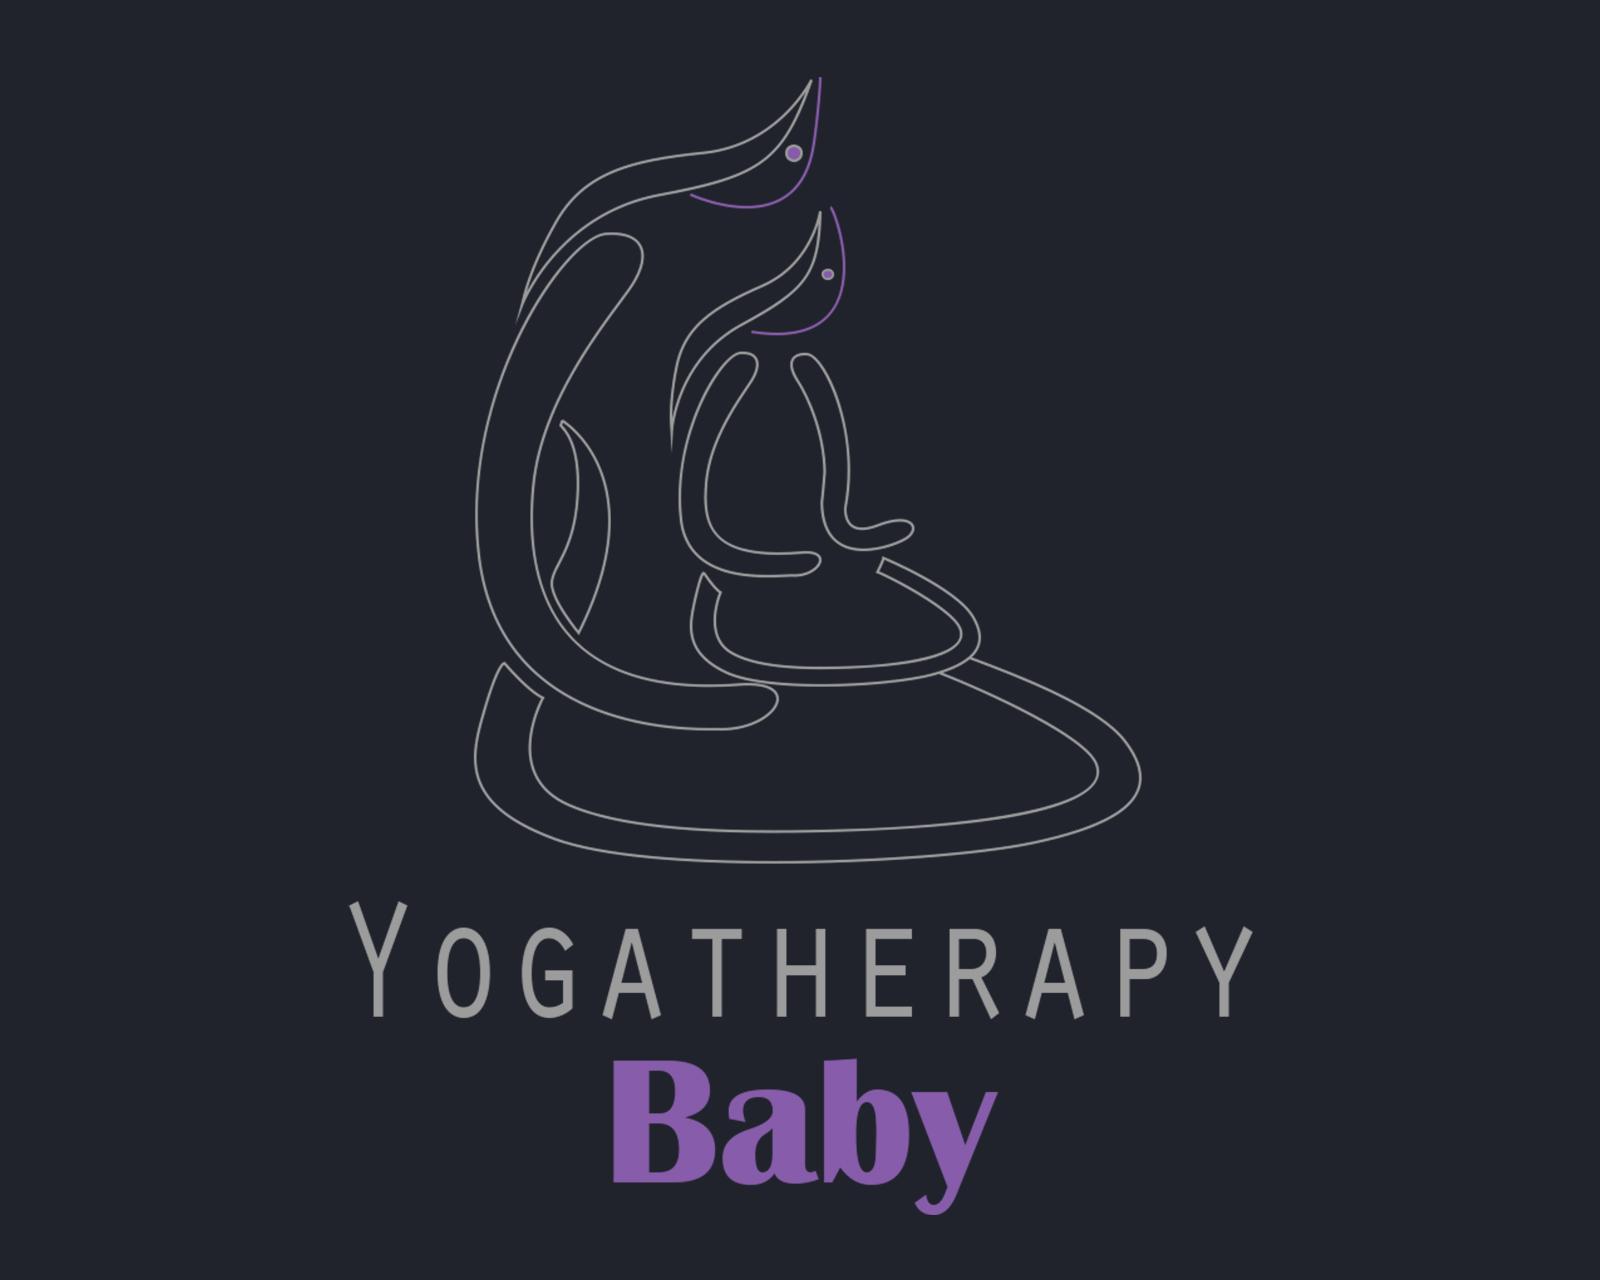 Yogatherapy Baby